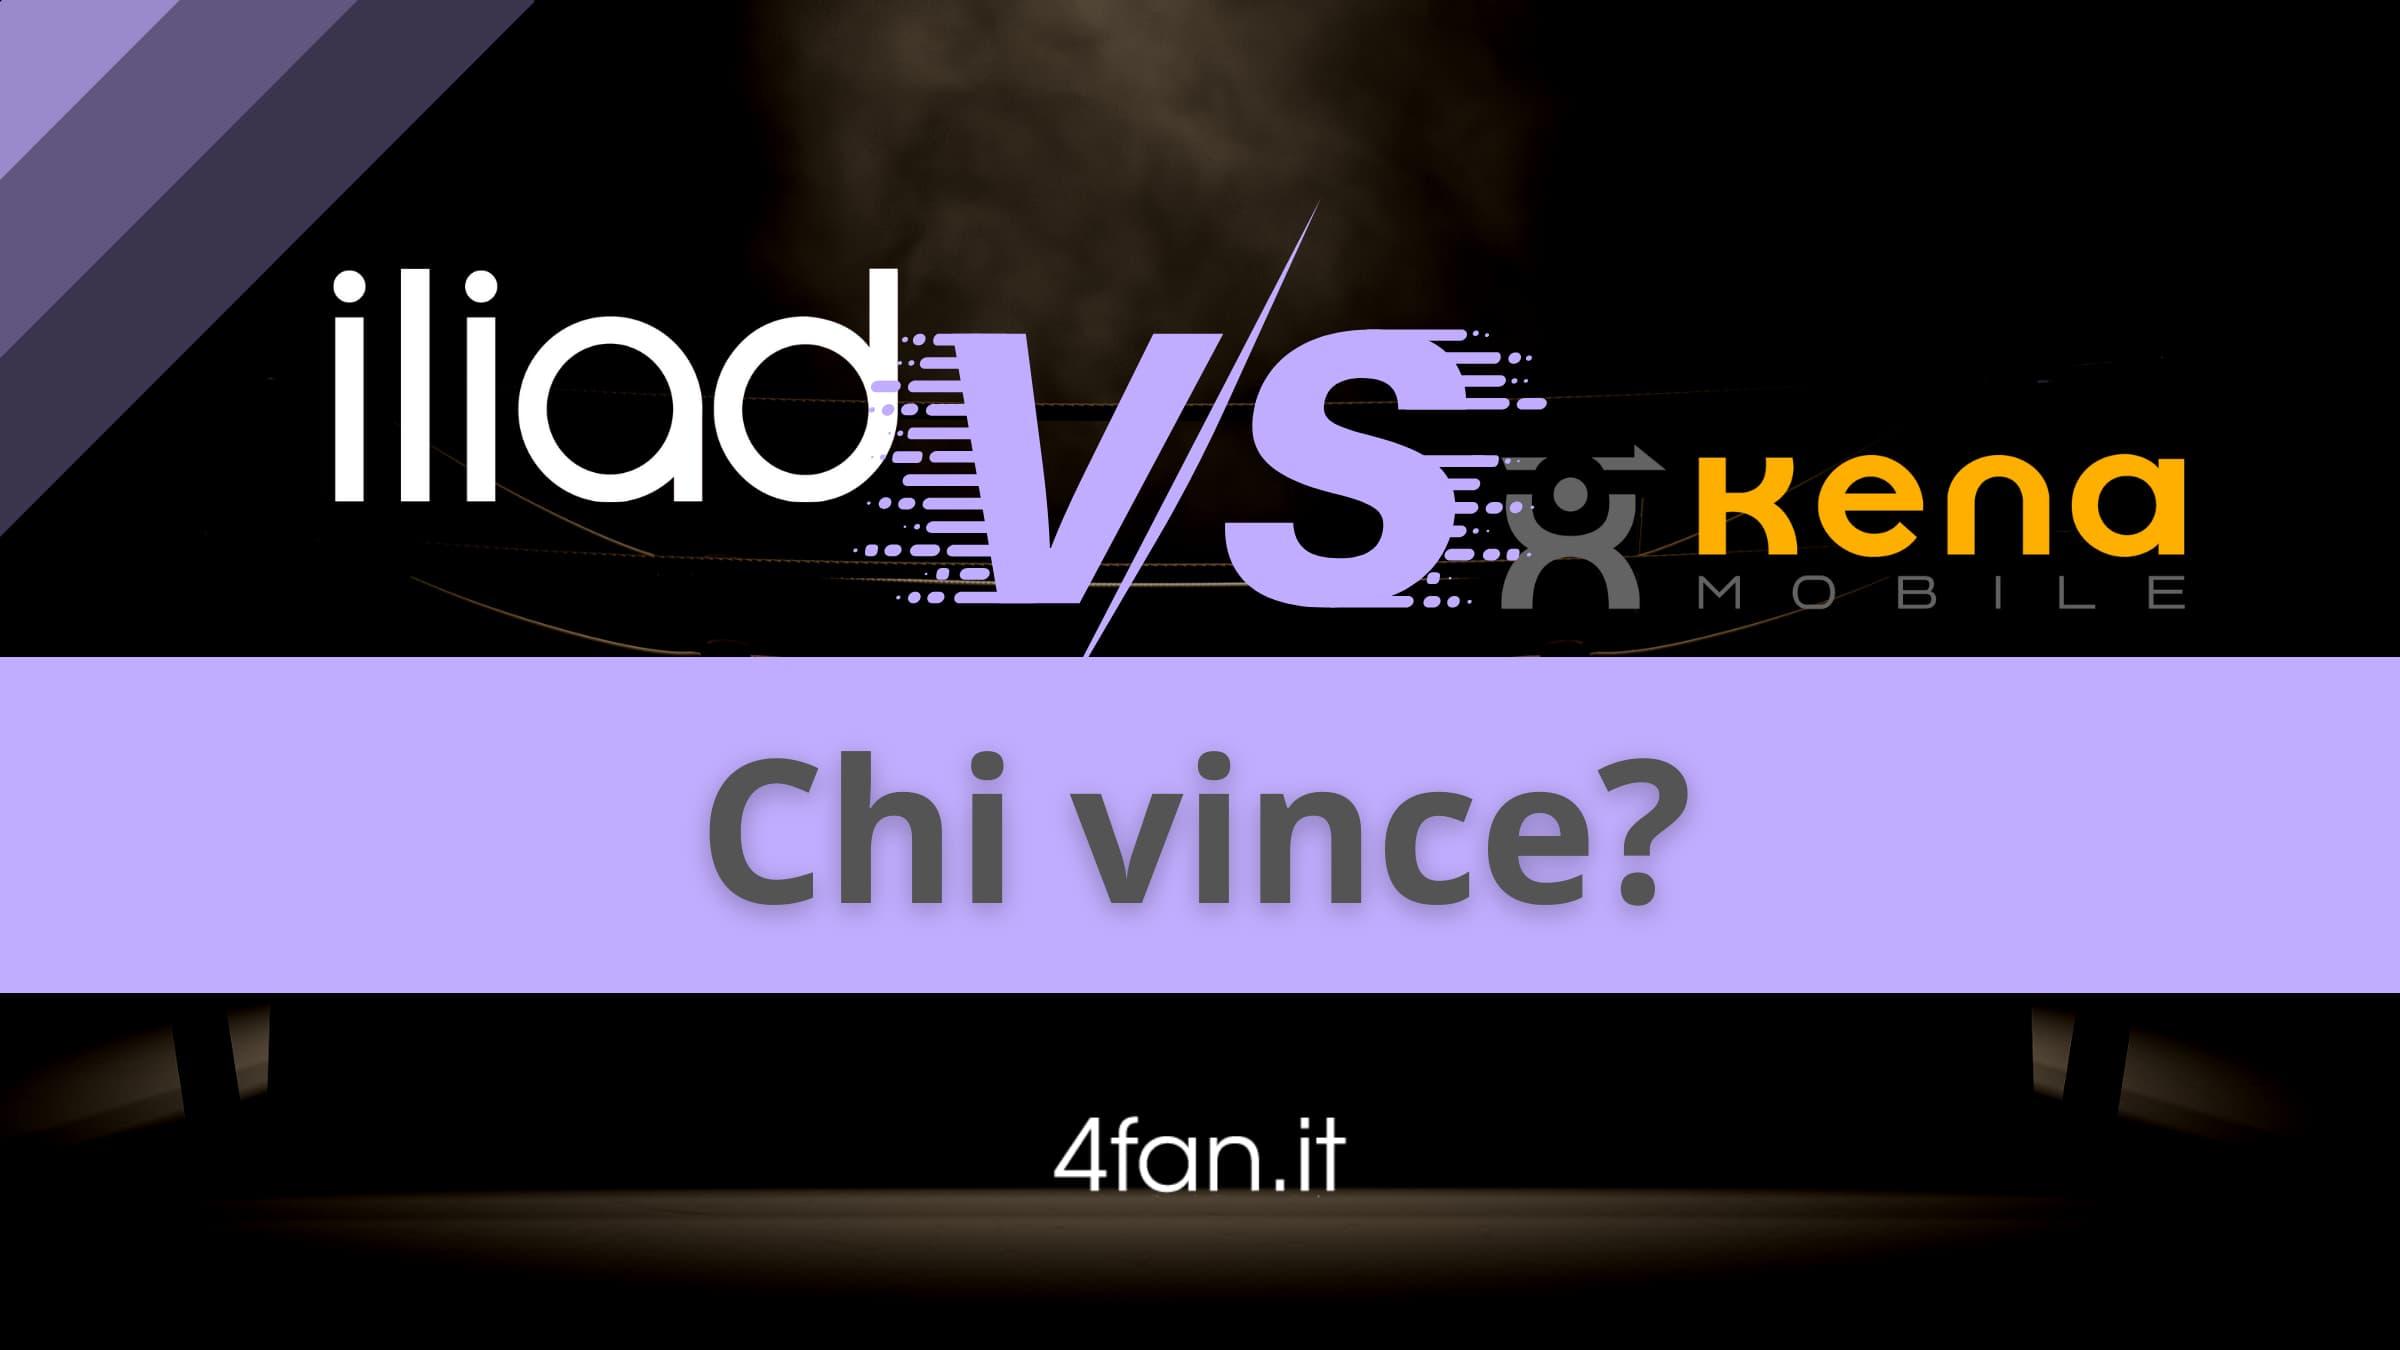 Iliad vs Kena Mobile